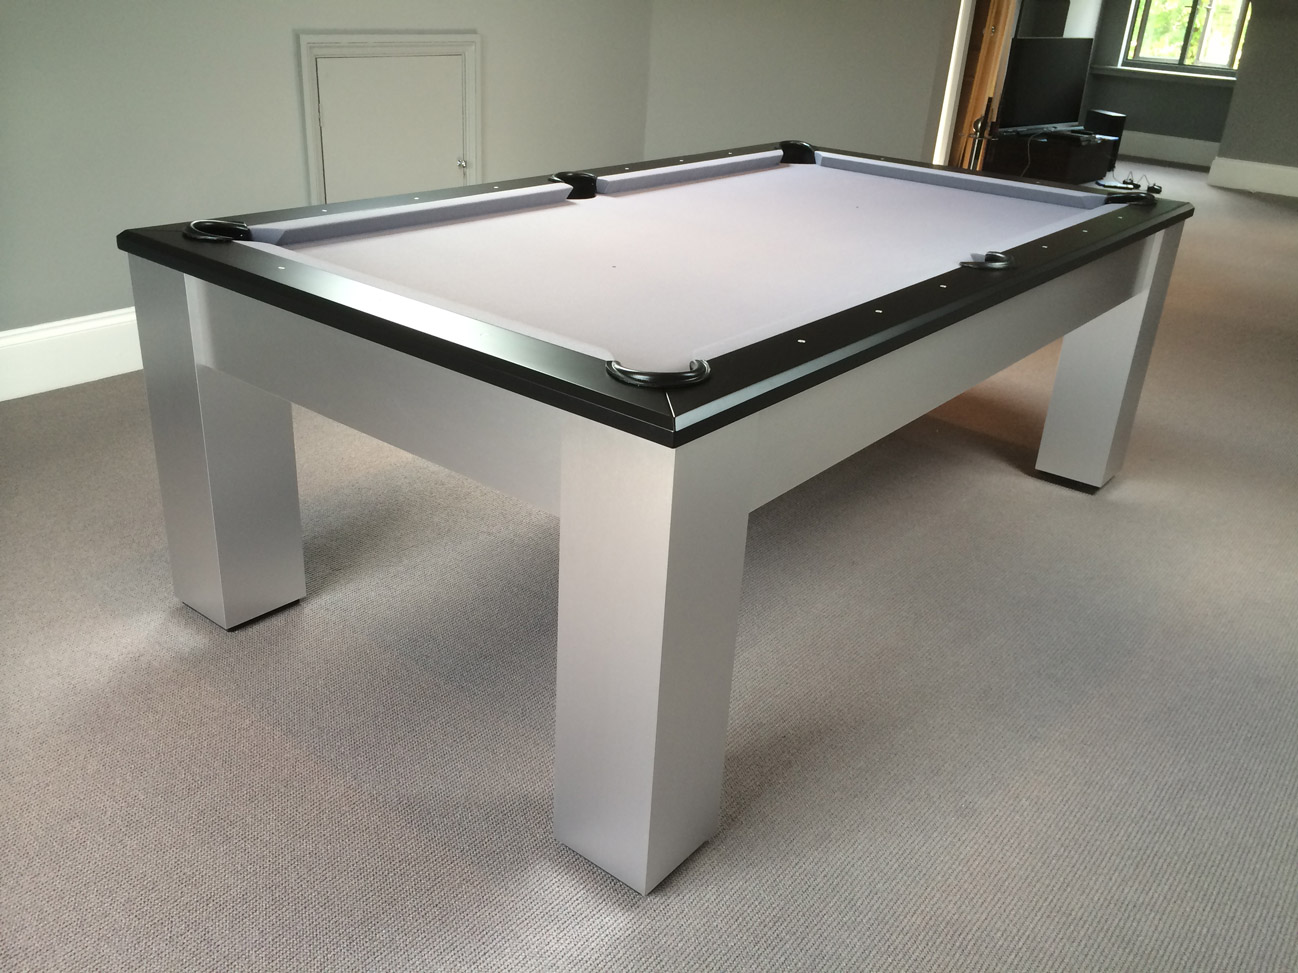 Olhausen Madison Pool Table Modern Bespoke American Pool Table - Olhausen madison pool table